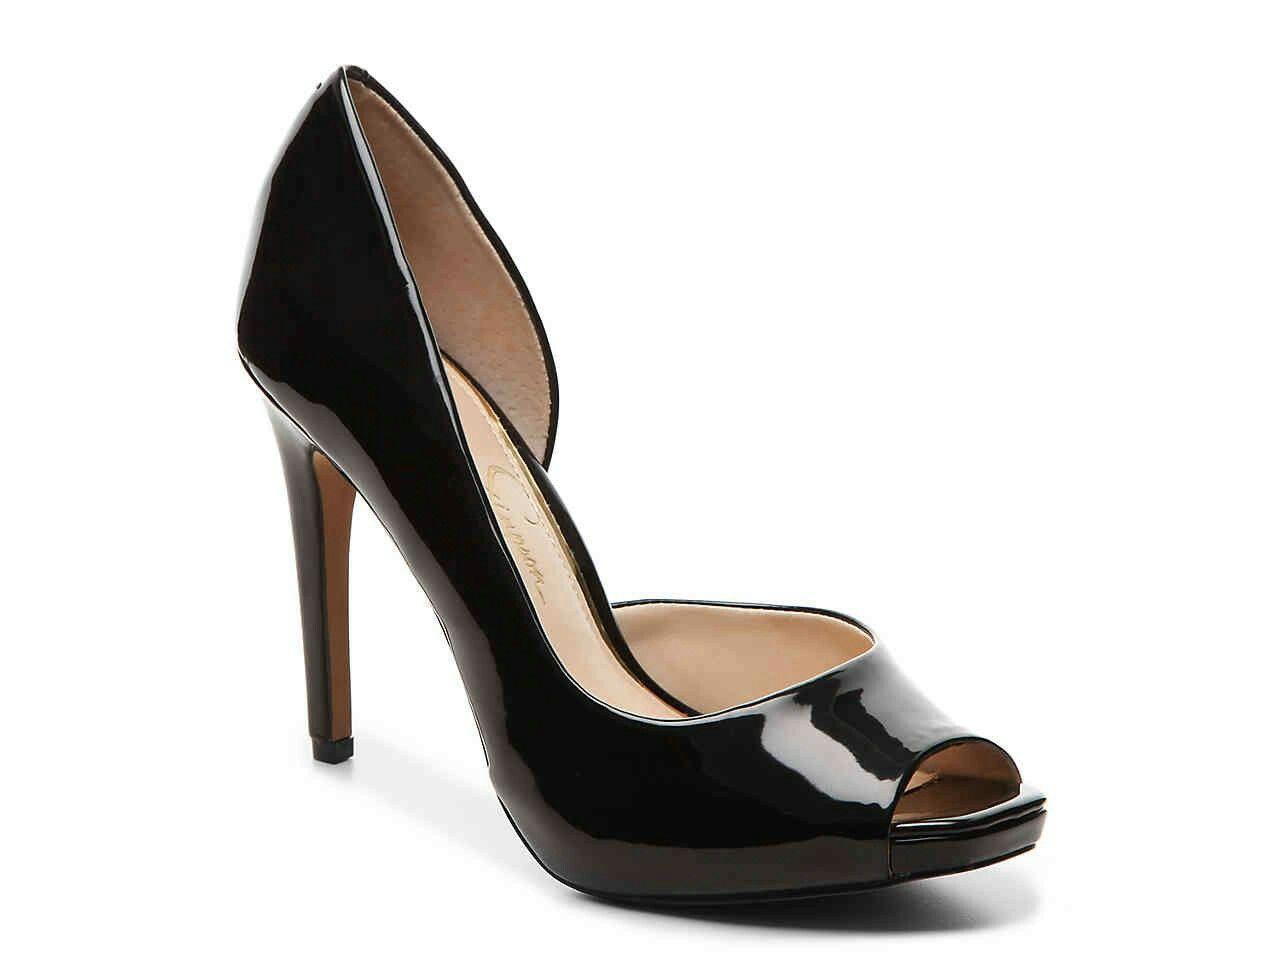 Shoe Boots, Shoes, Black Pumps, Platform Pumps, Pumping, Sandals,  Accessories, Products, Free